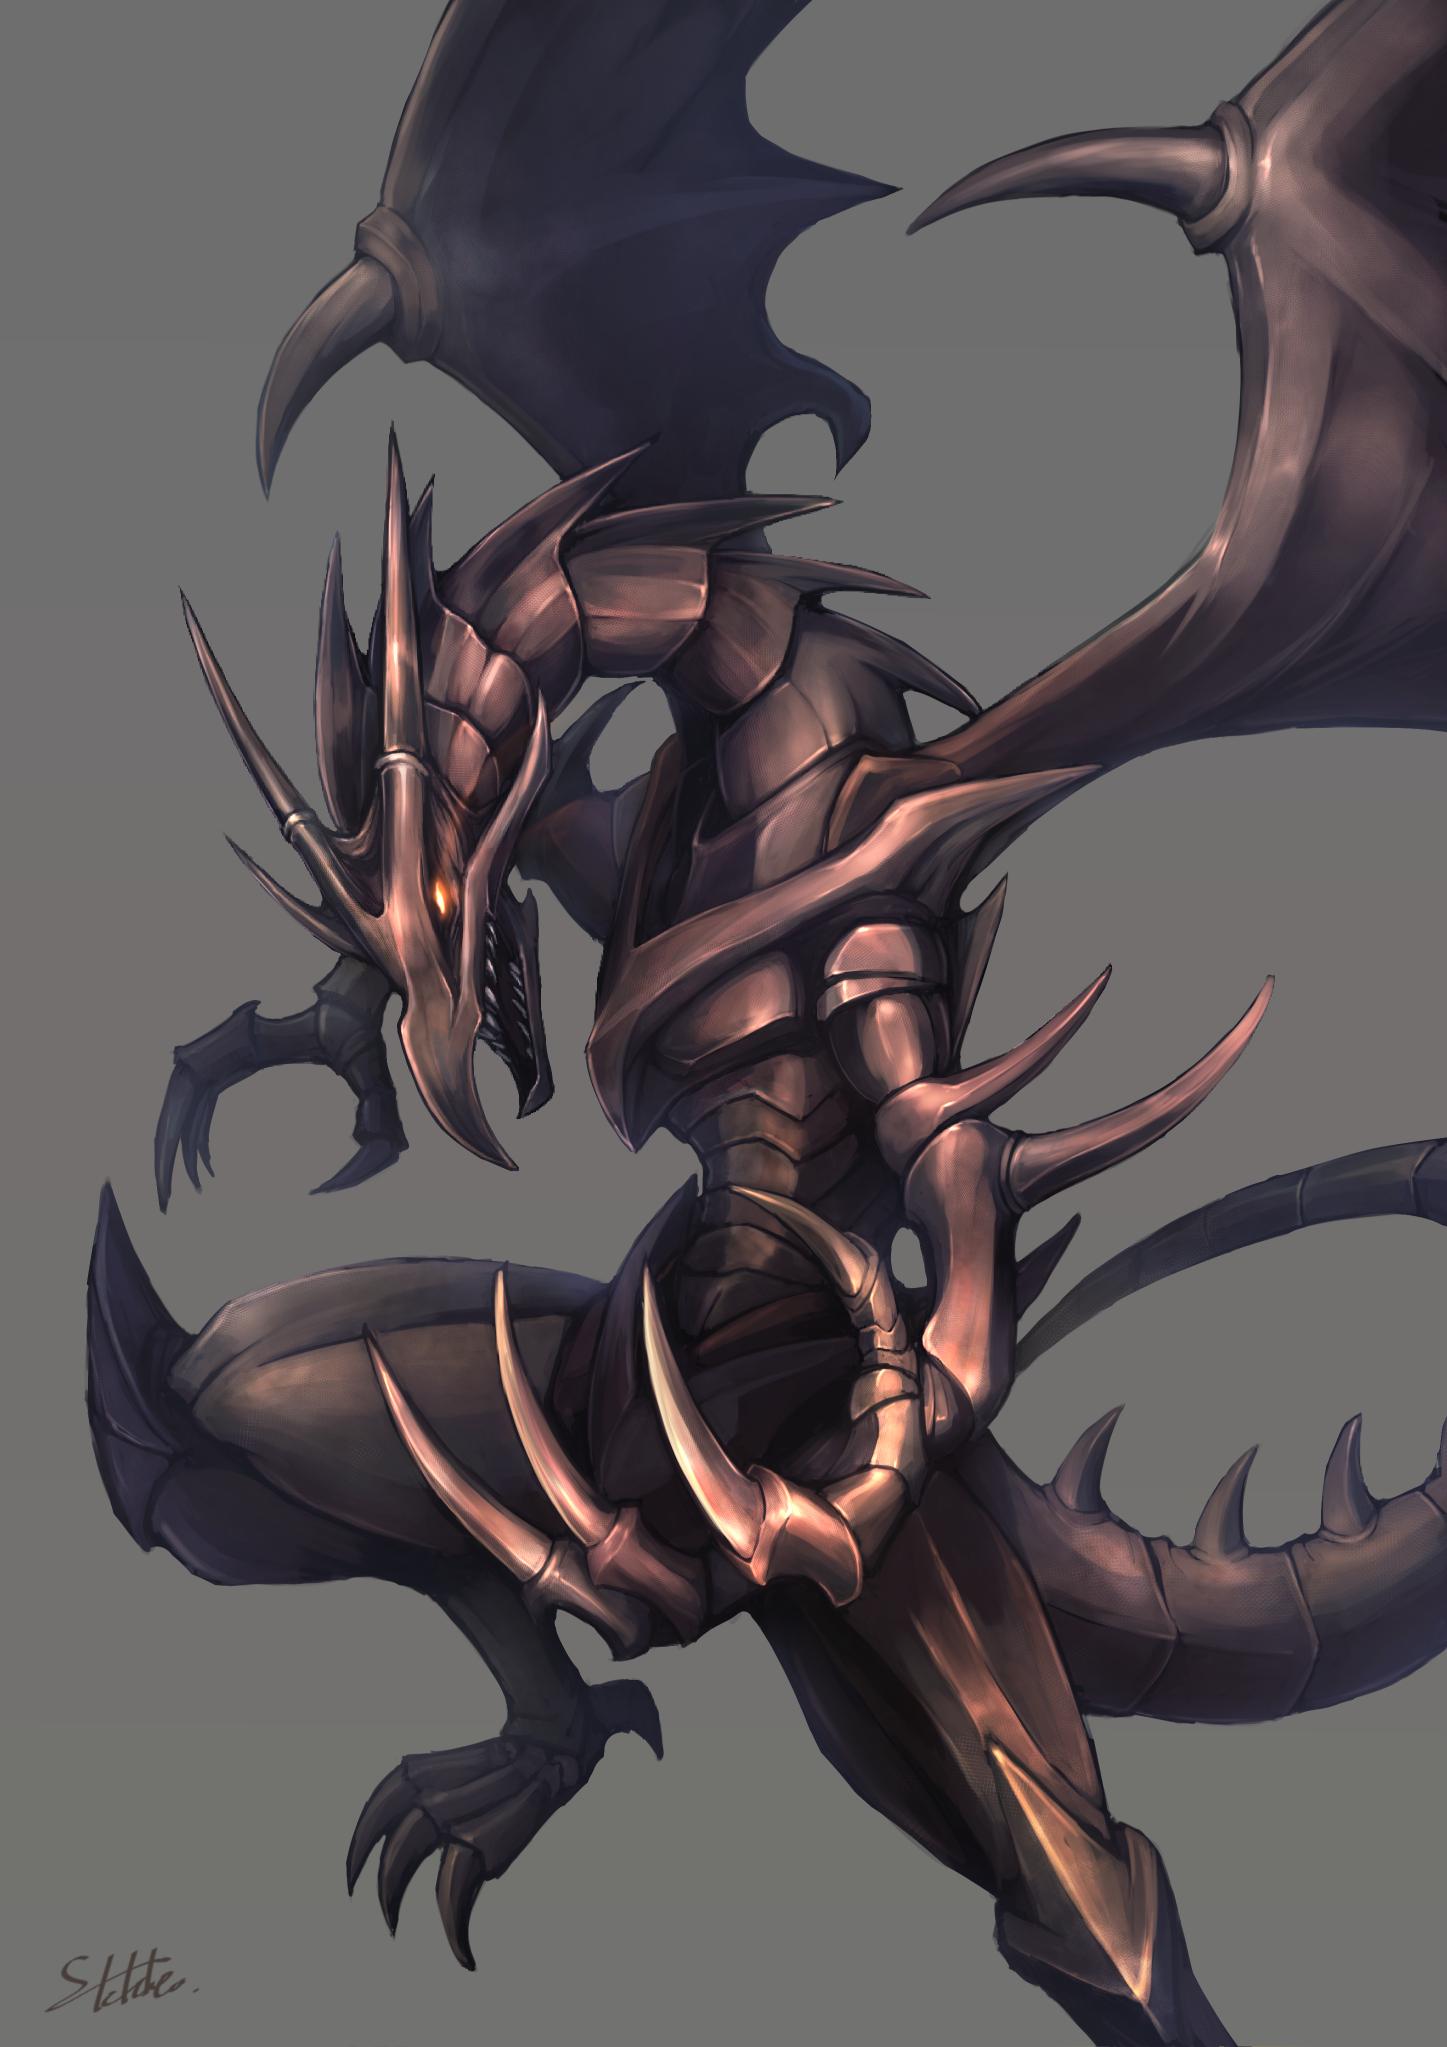 redeyes black dragon2061562 zerochan